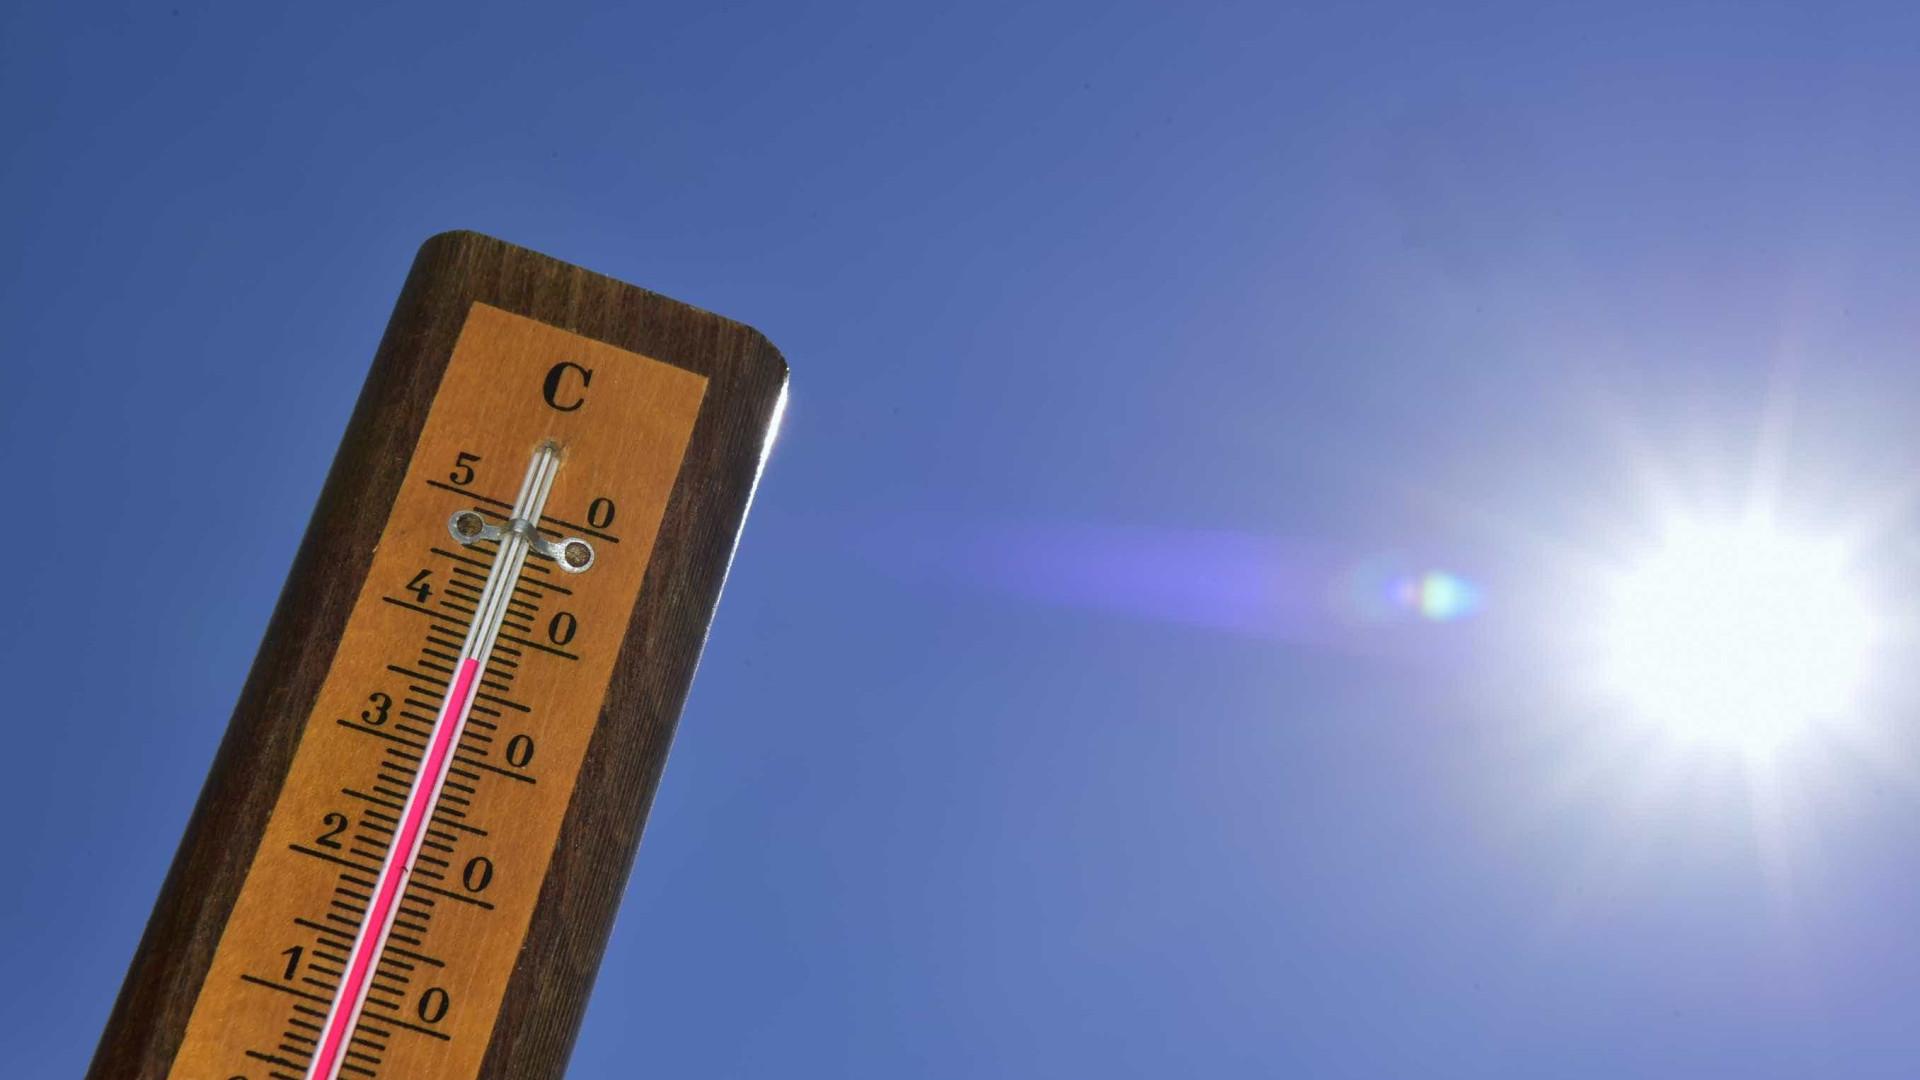 Fim de semana significa maiores temperaturas em todo o país